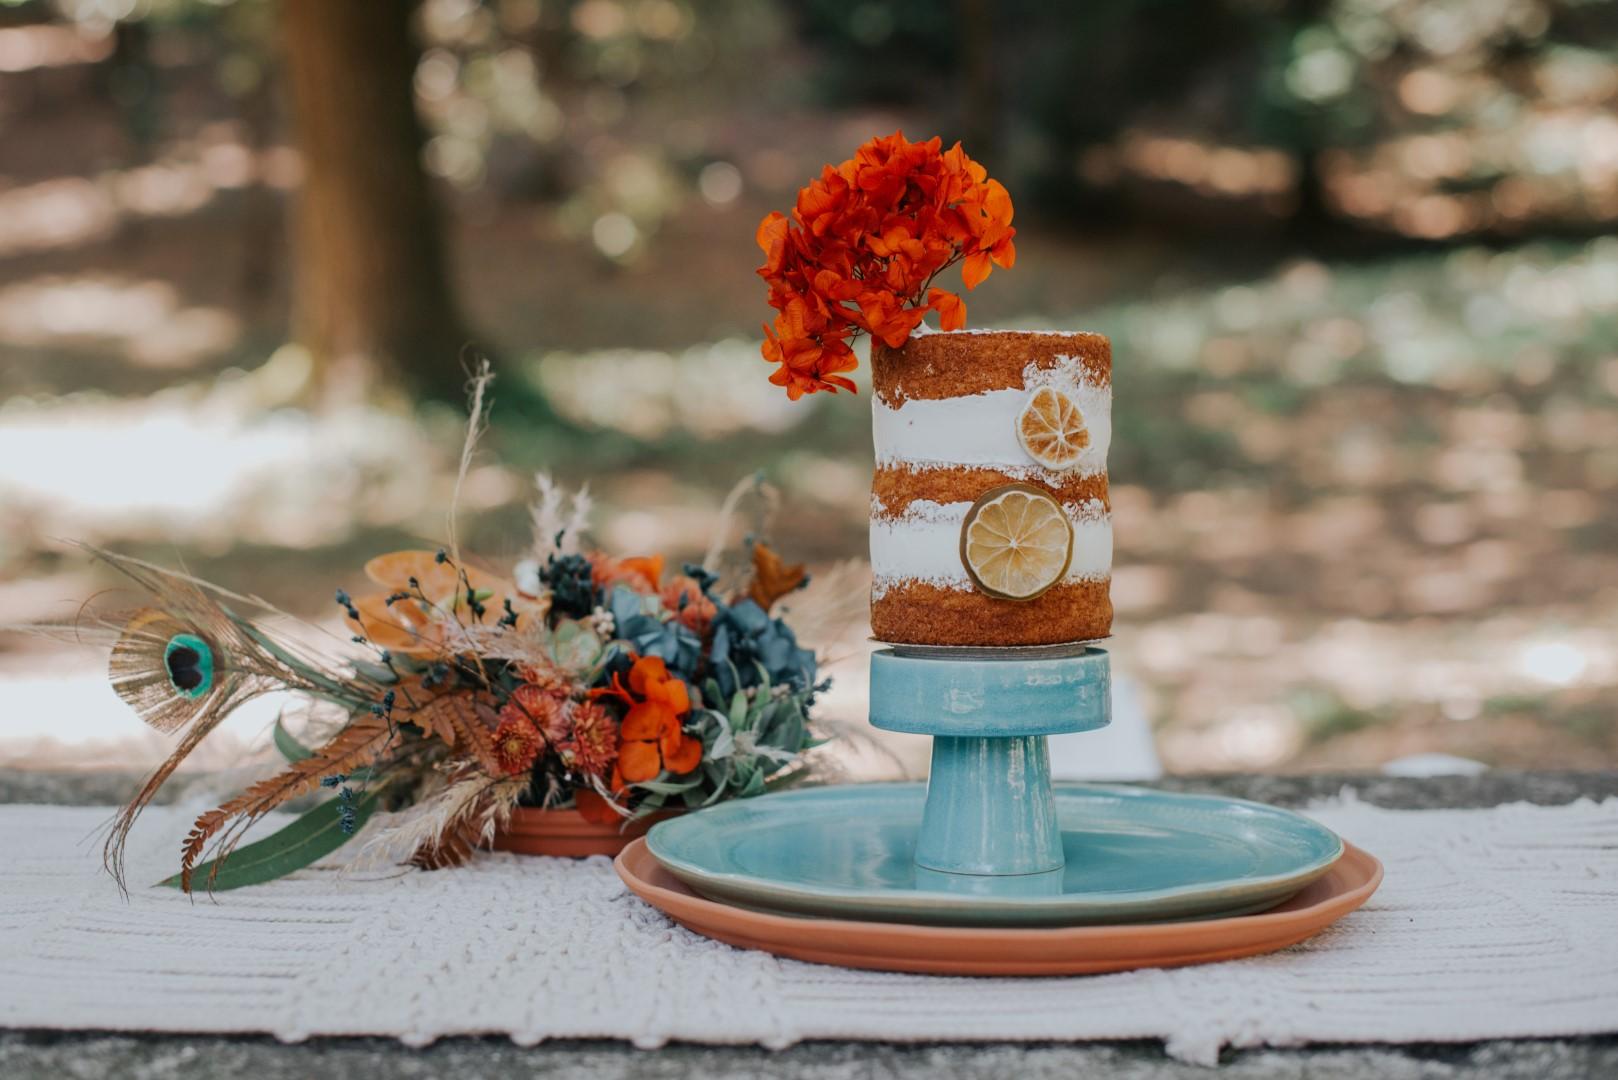 Shop - Loja online artigos para cake design